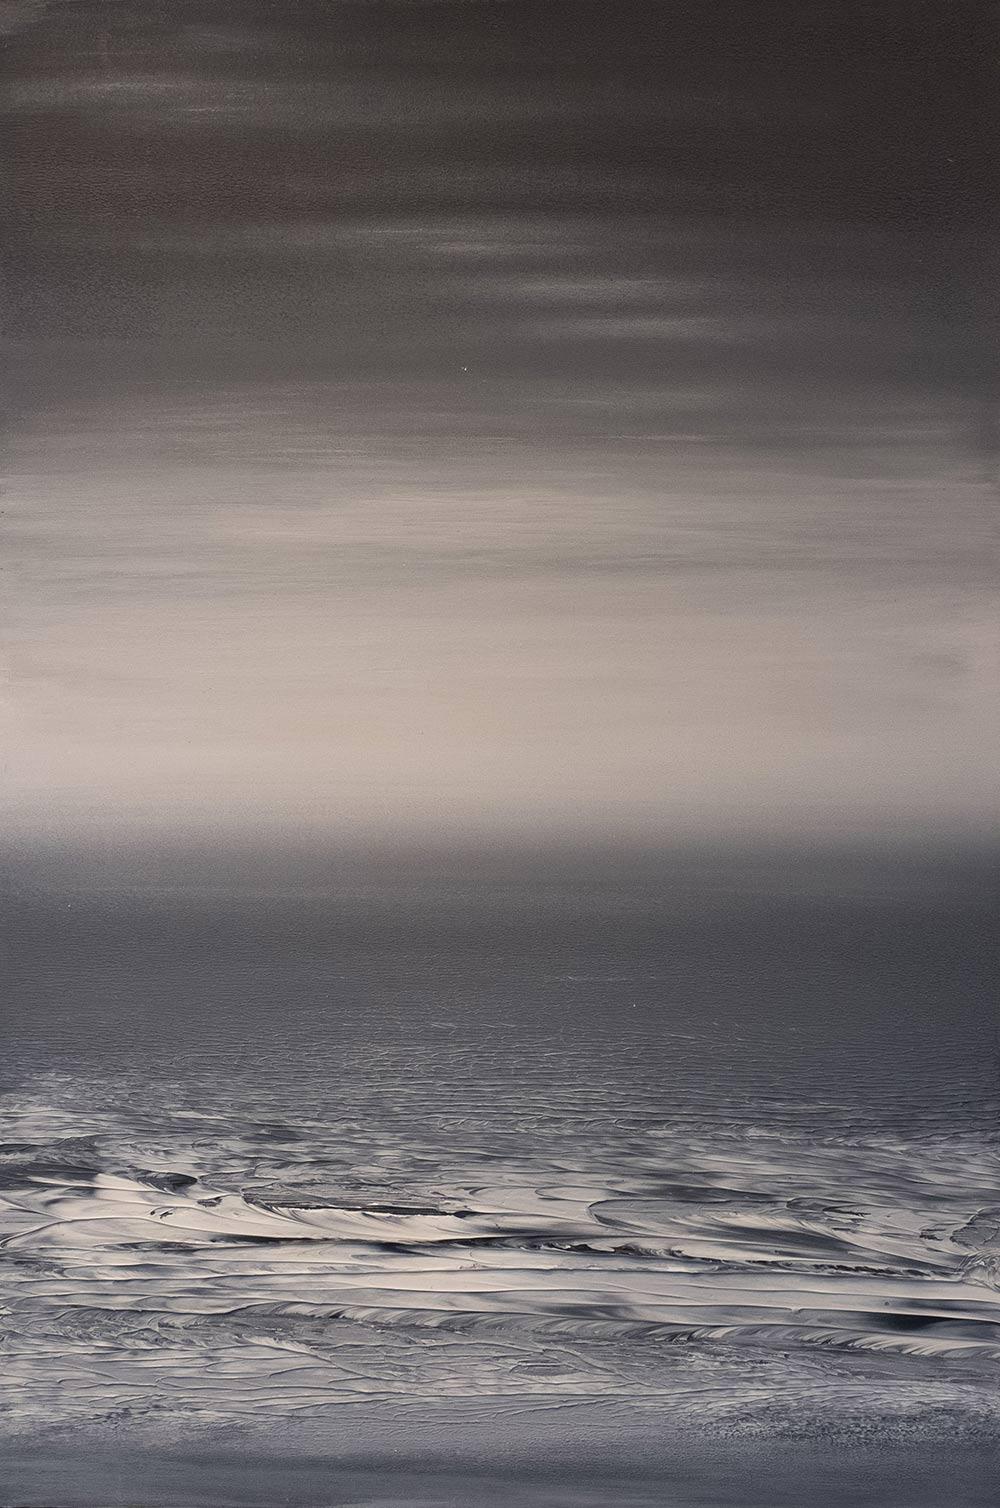 David-Joy-Seascapes-D19-013-60